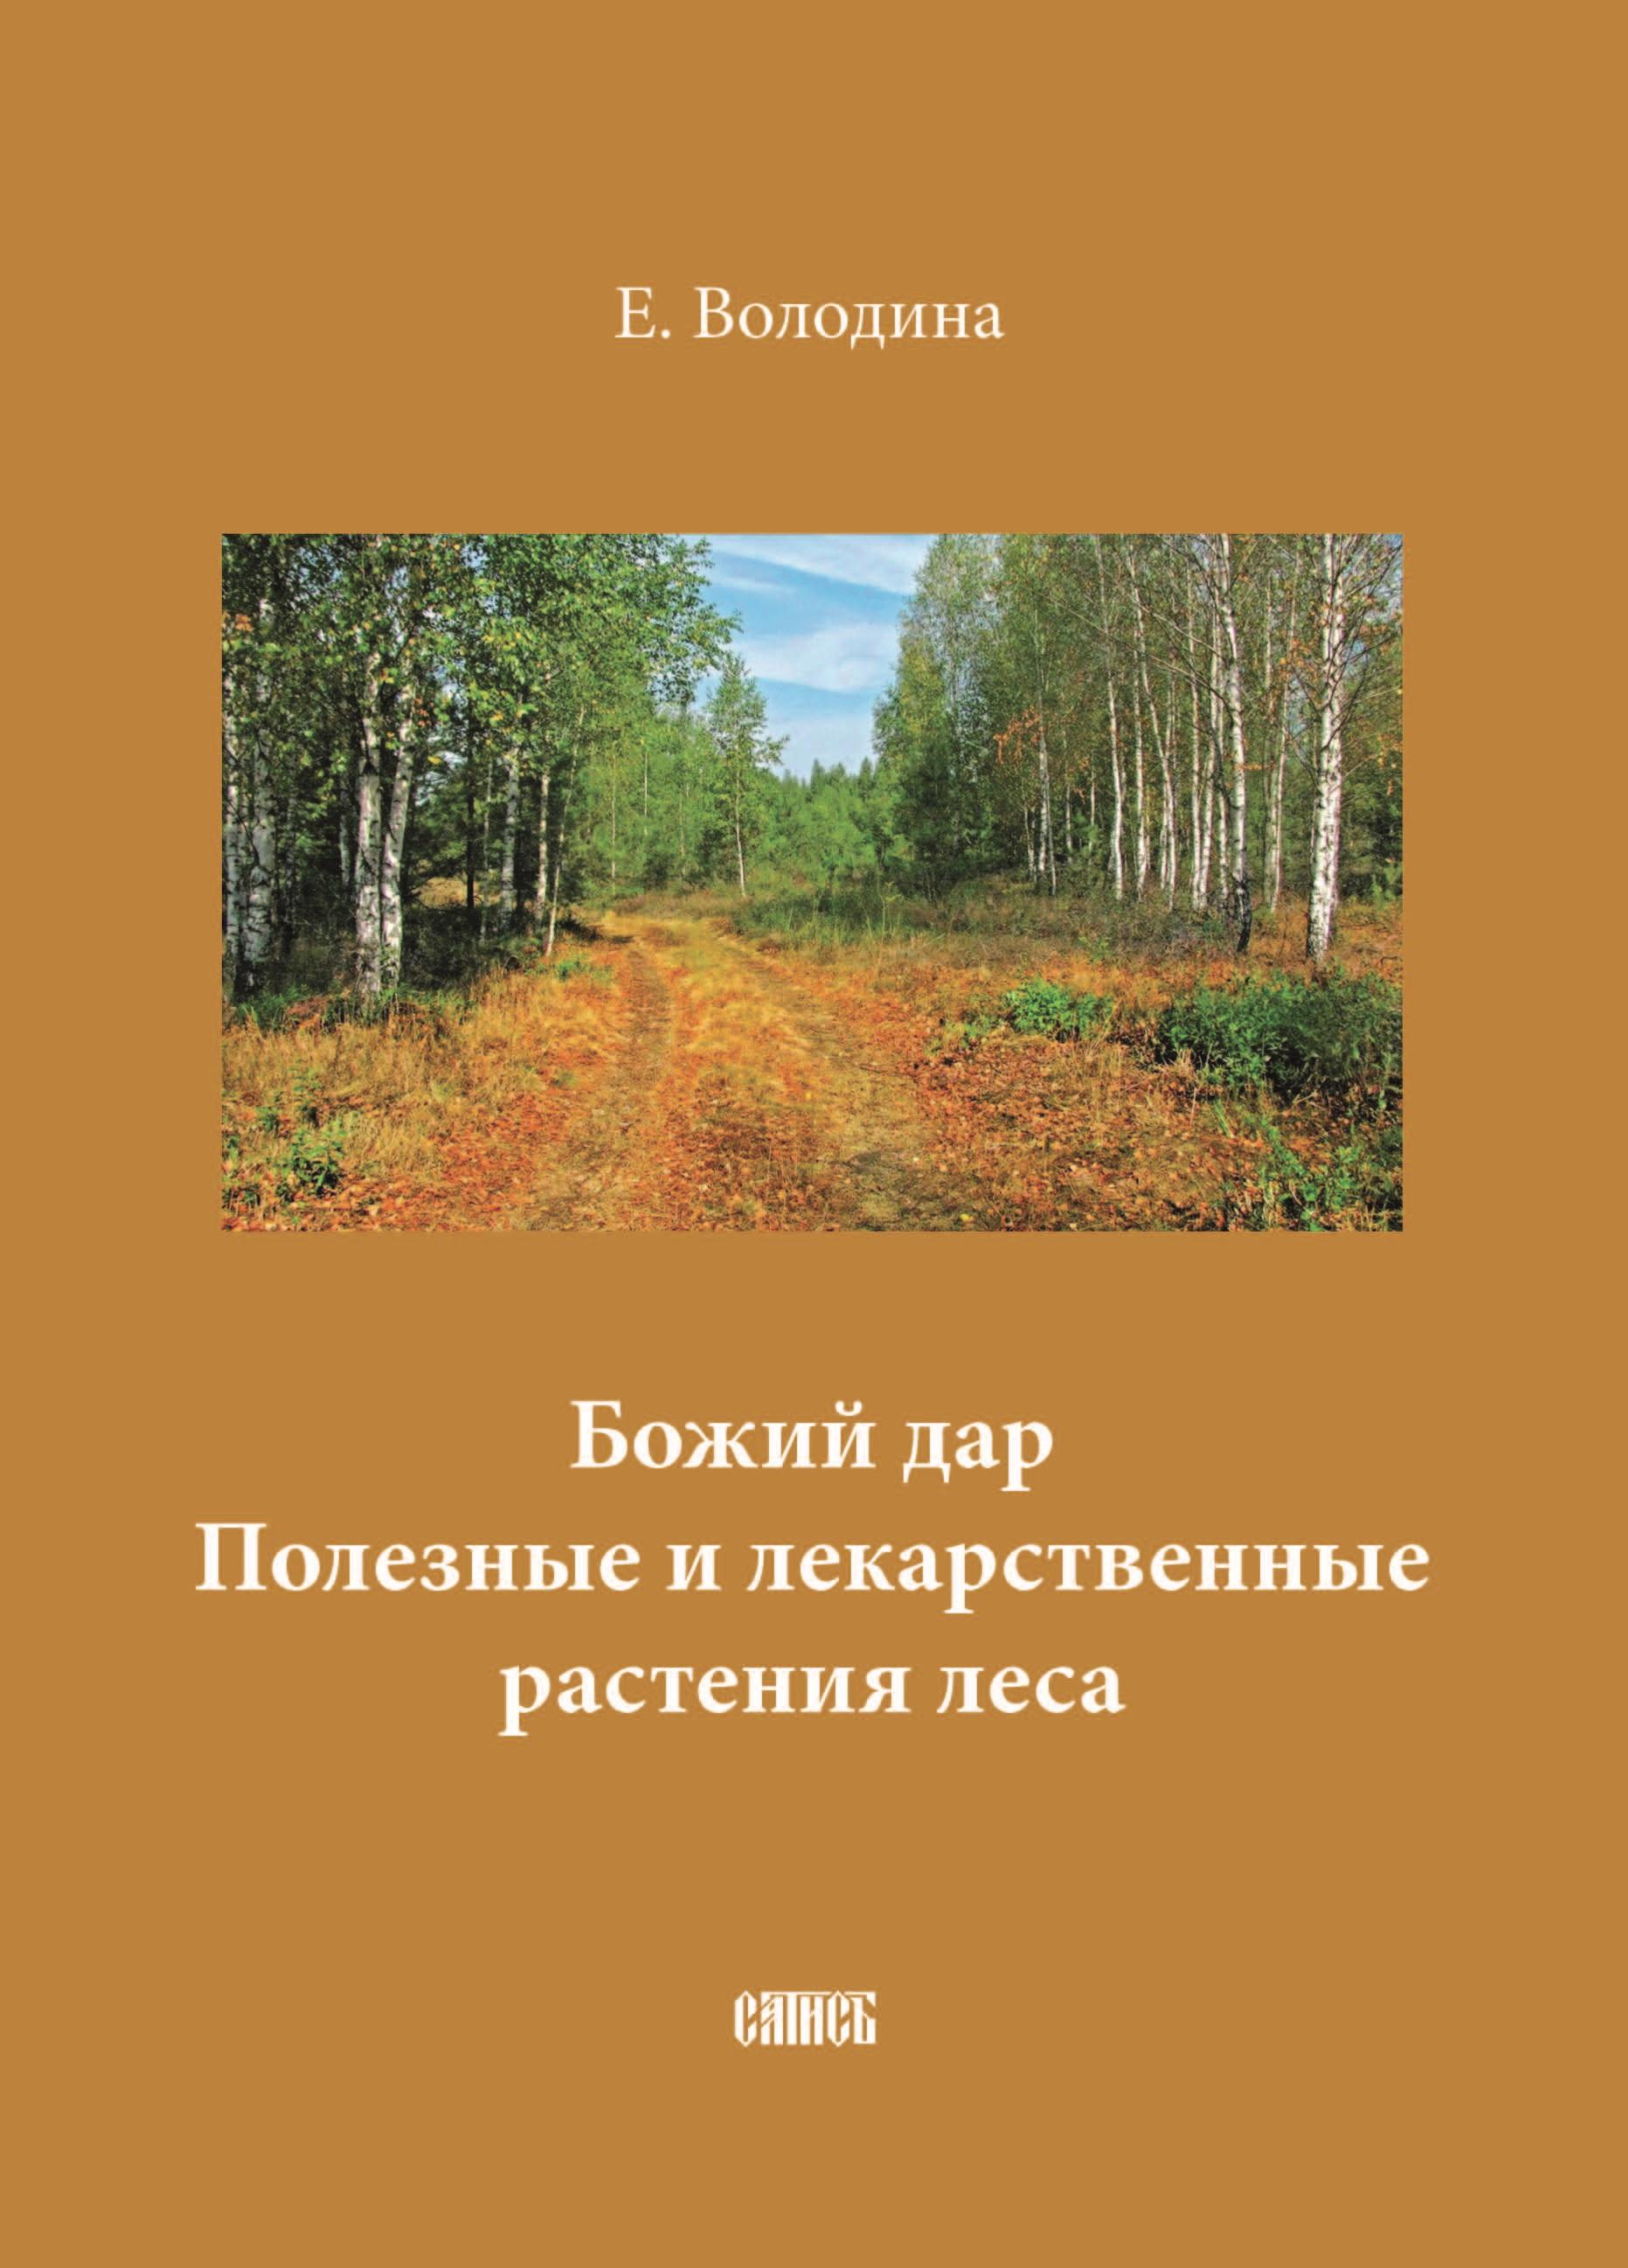 Божий дар. Полезные и лекарственные растения леса